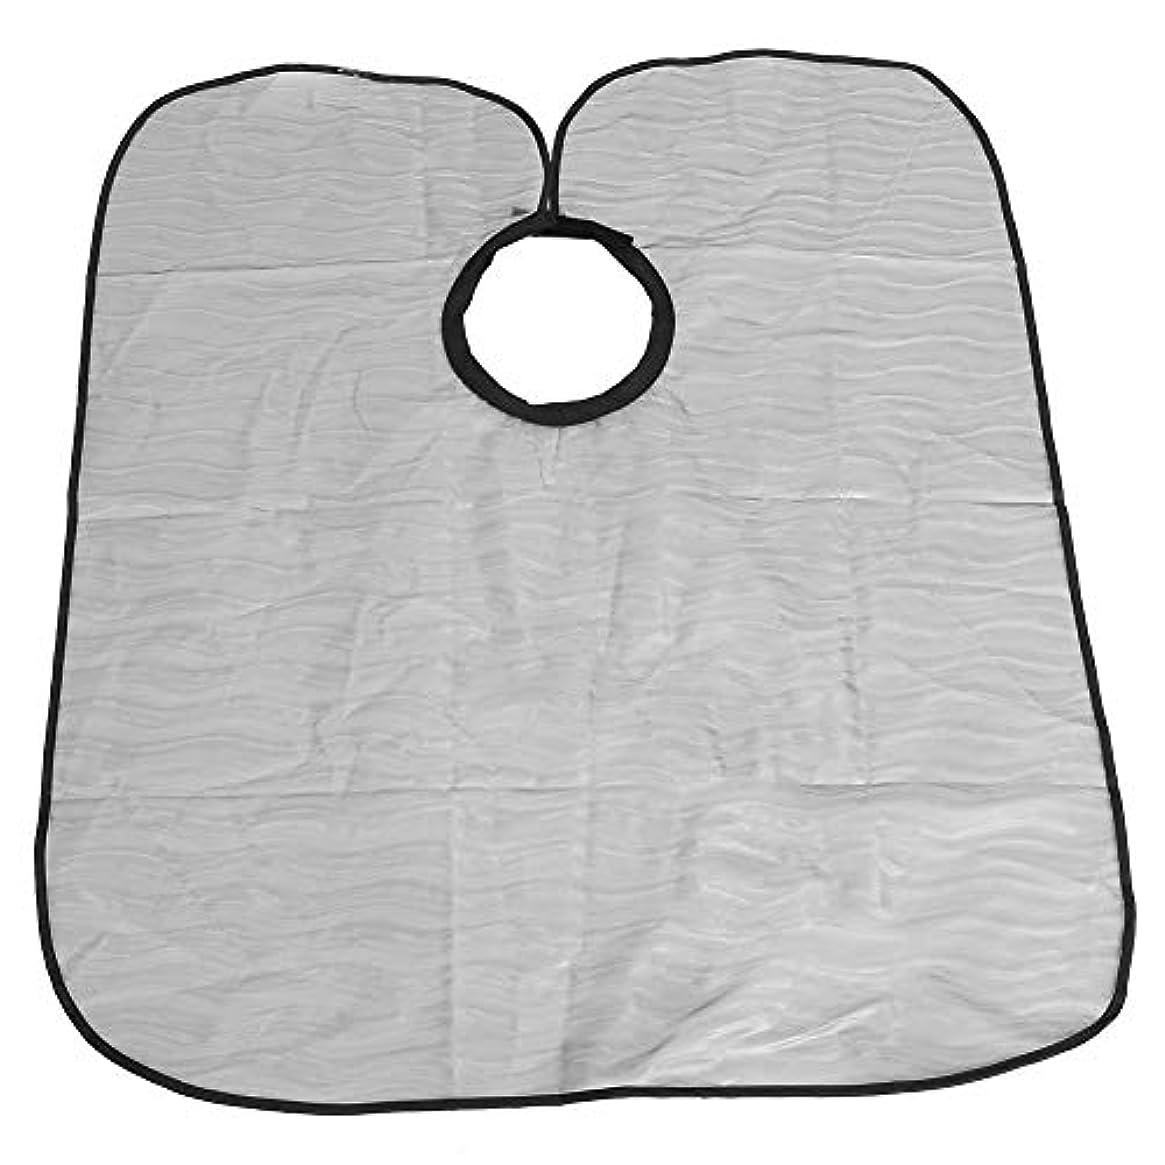 増強目の前のスイングプロのサロンケープ、防水サロンヘアカットケープ理髪布ヘアスタイリストガウン理髪ケープ(S)